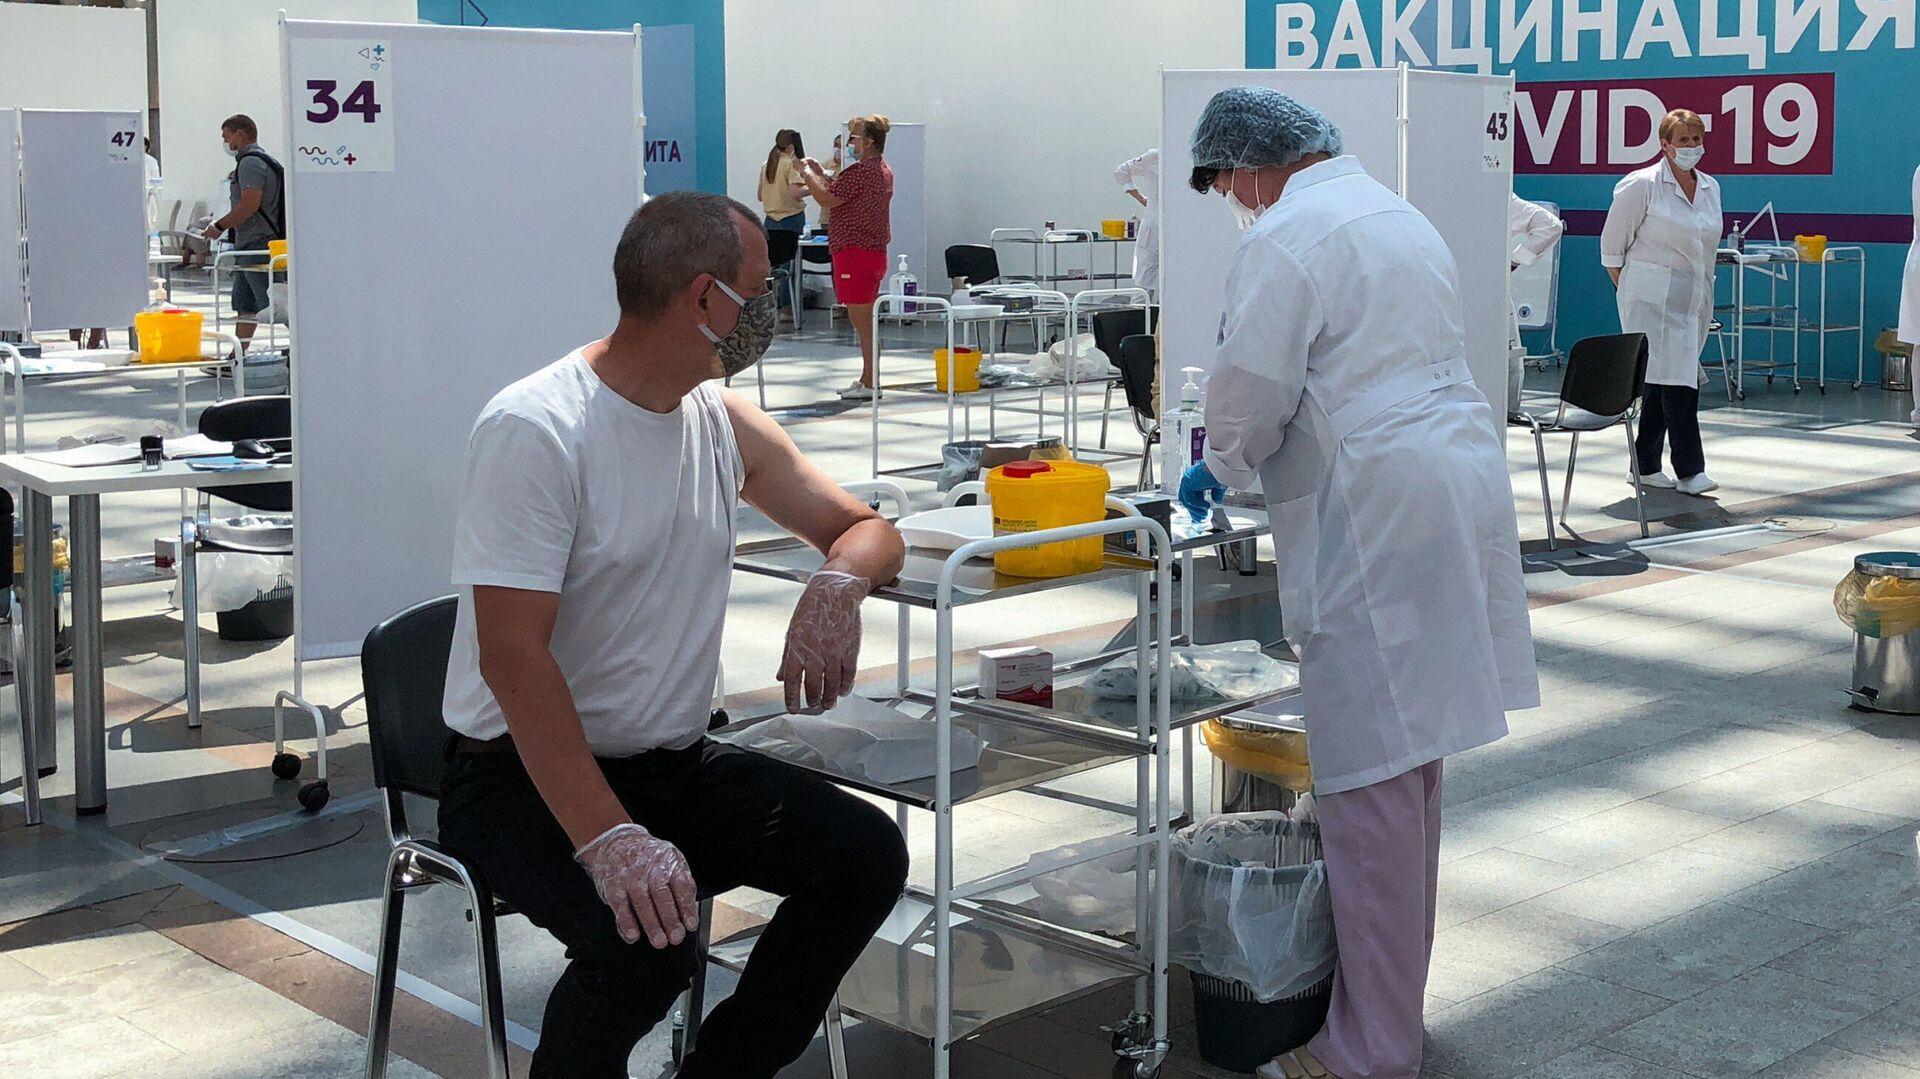 Rusya'da kovid-19 aşı uygulaması - Sputnik Türkiye, 1920, 06.07.2021